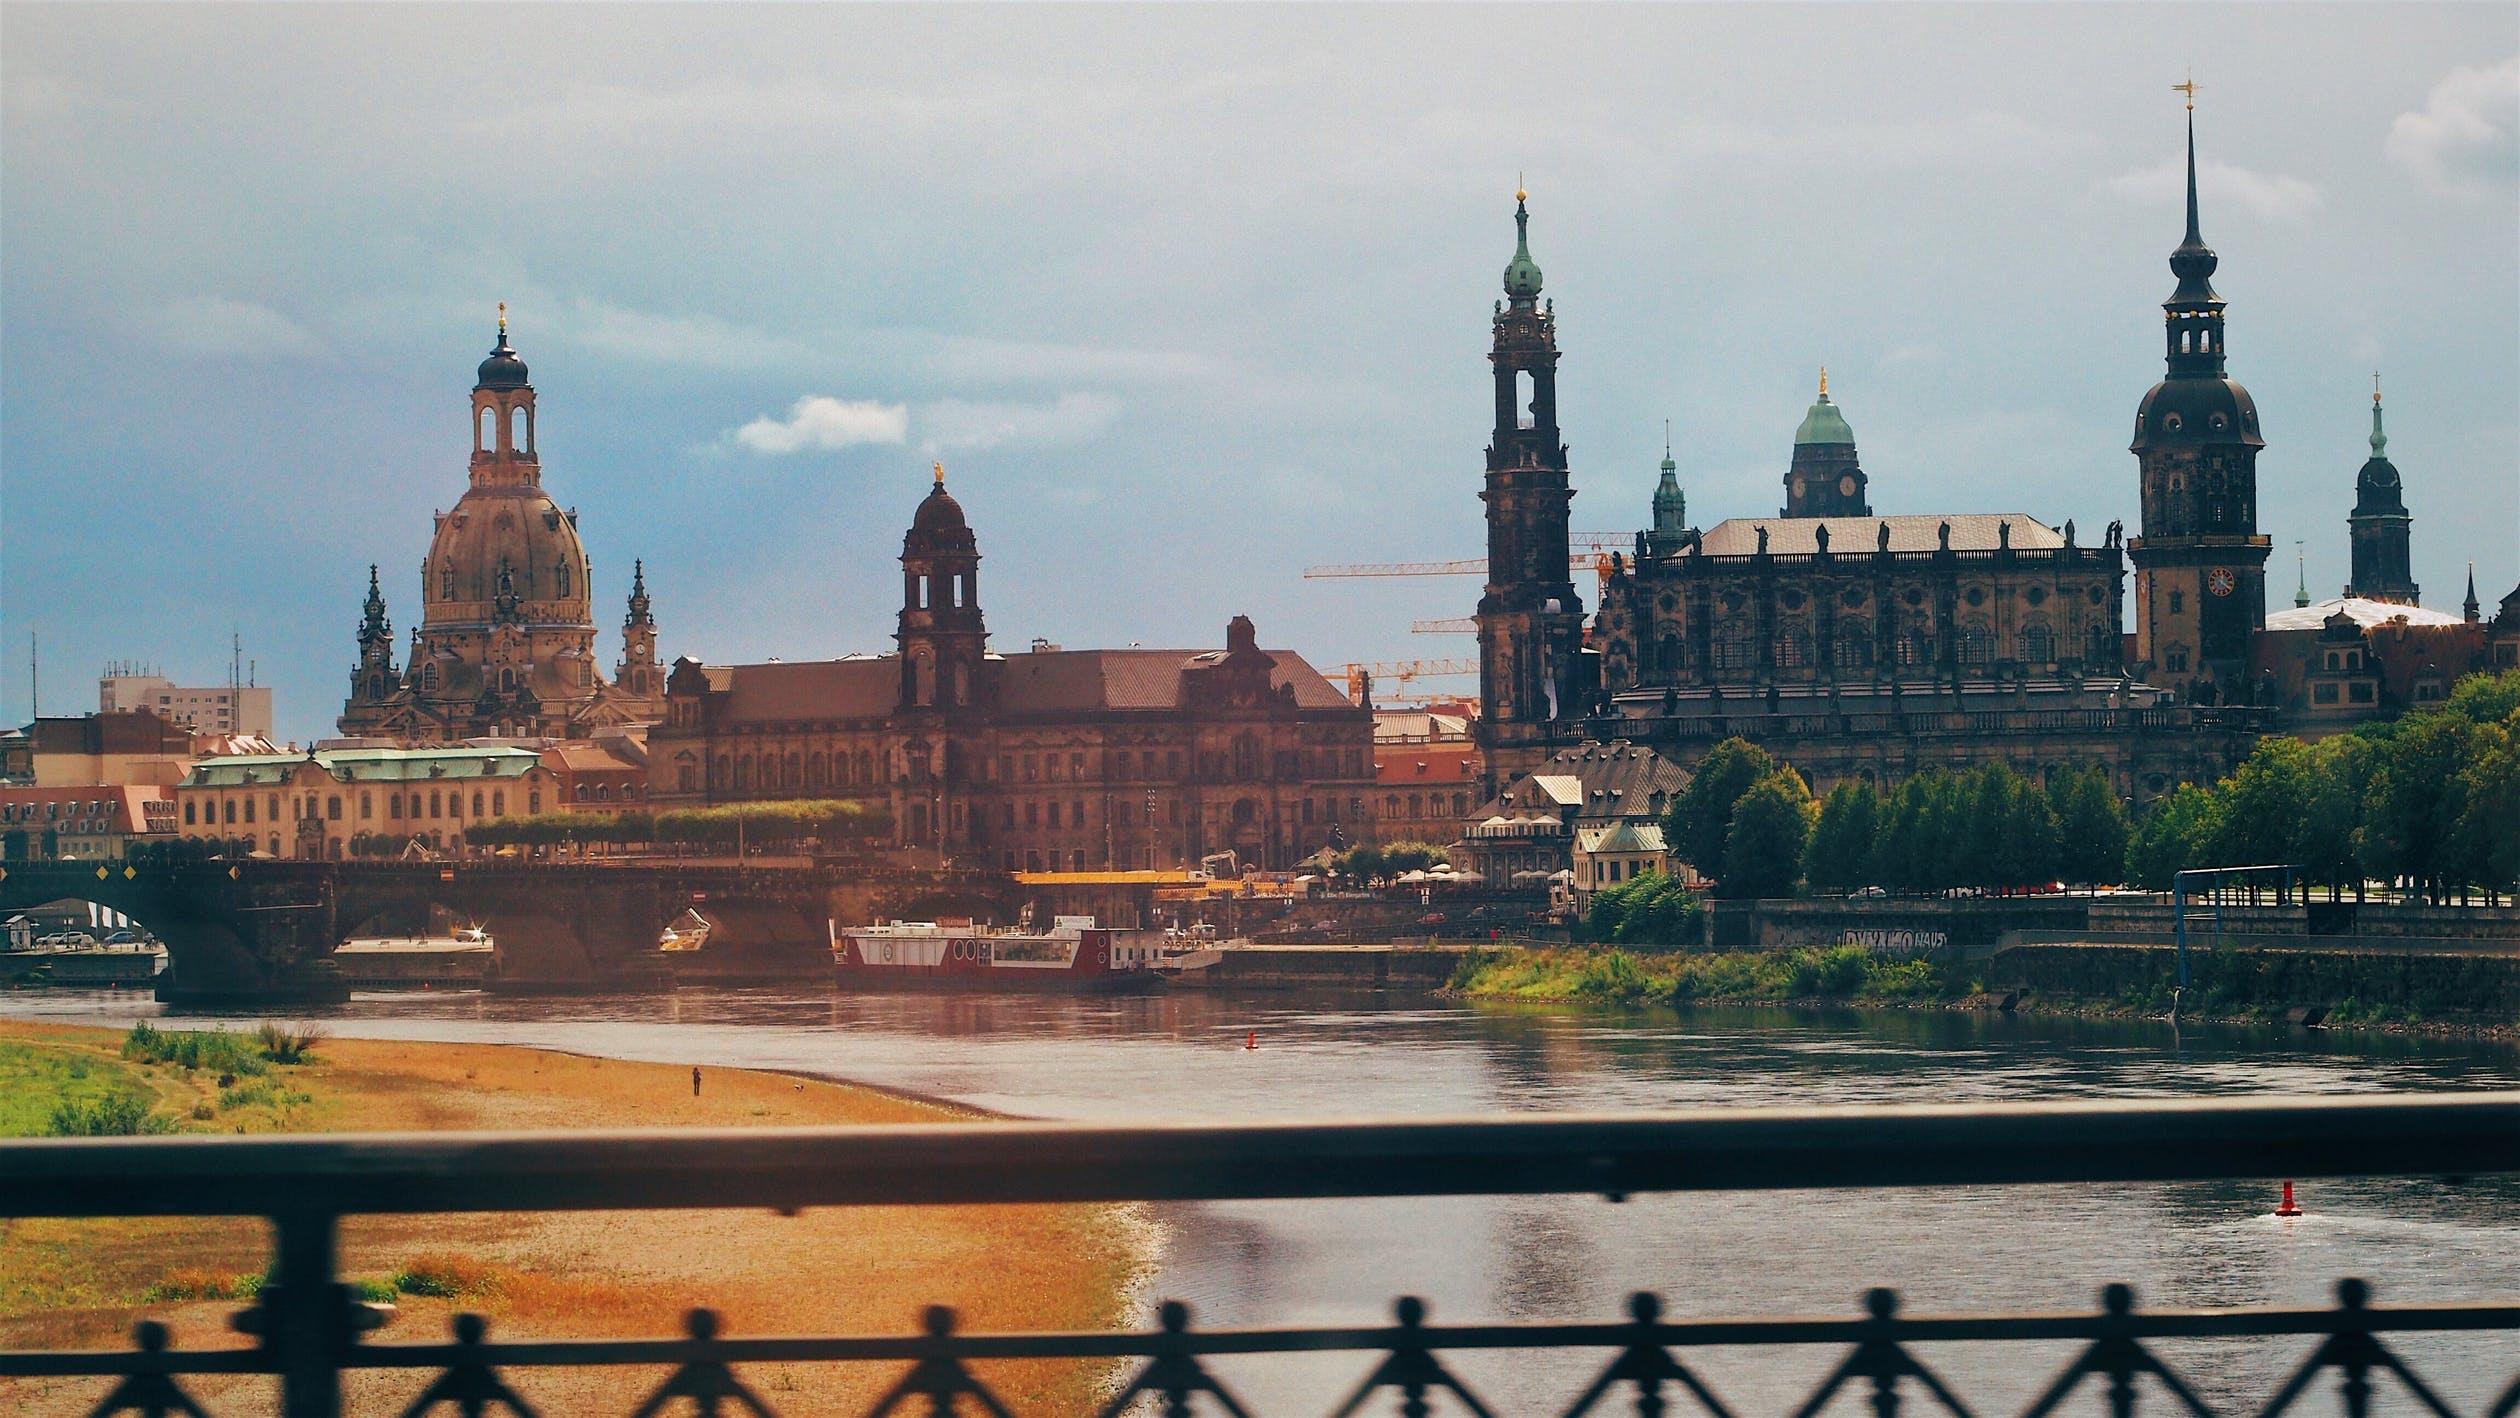 Dresden: Bild: Jens Mahnke / pexels.com